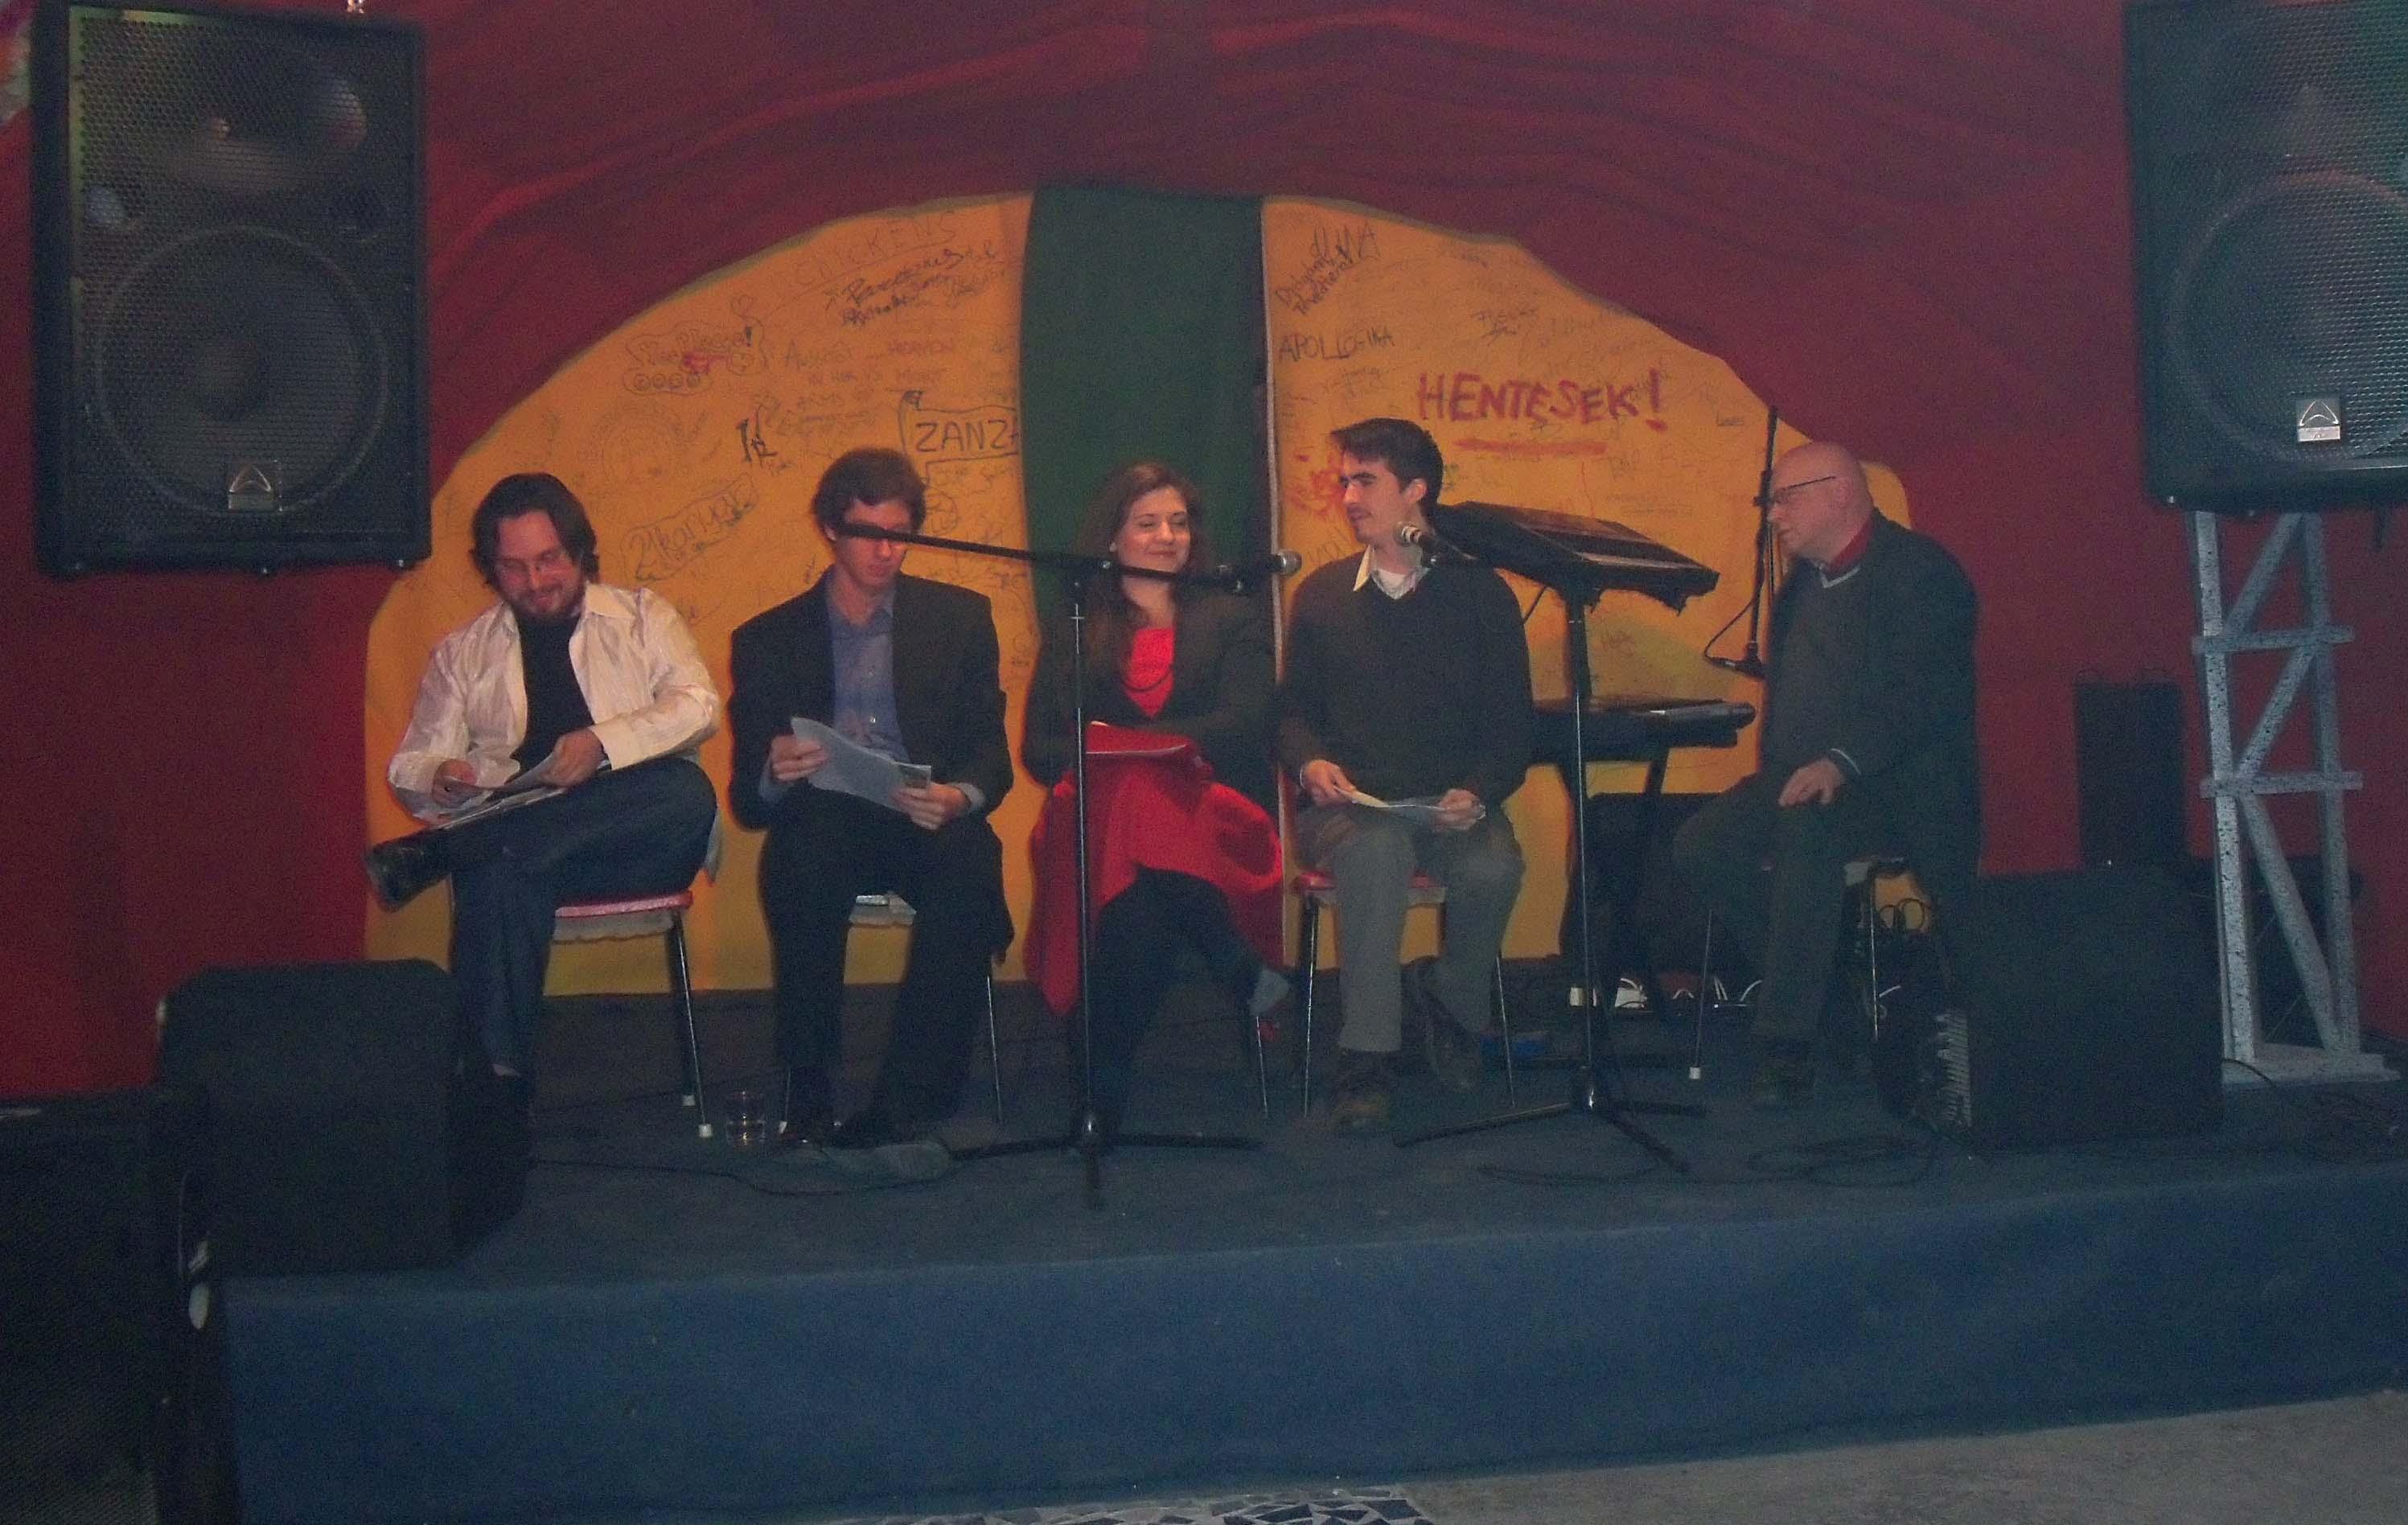 Az est főszereplői (balról): Nyerges Gábor Ádám, Vass Norbert, Torma Mária, Tarcsay Zoltán és Fráter Zoltán